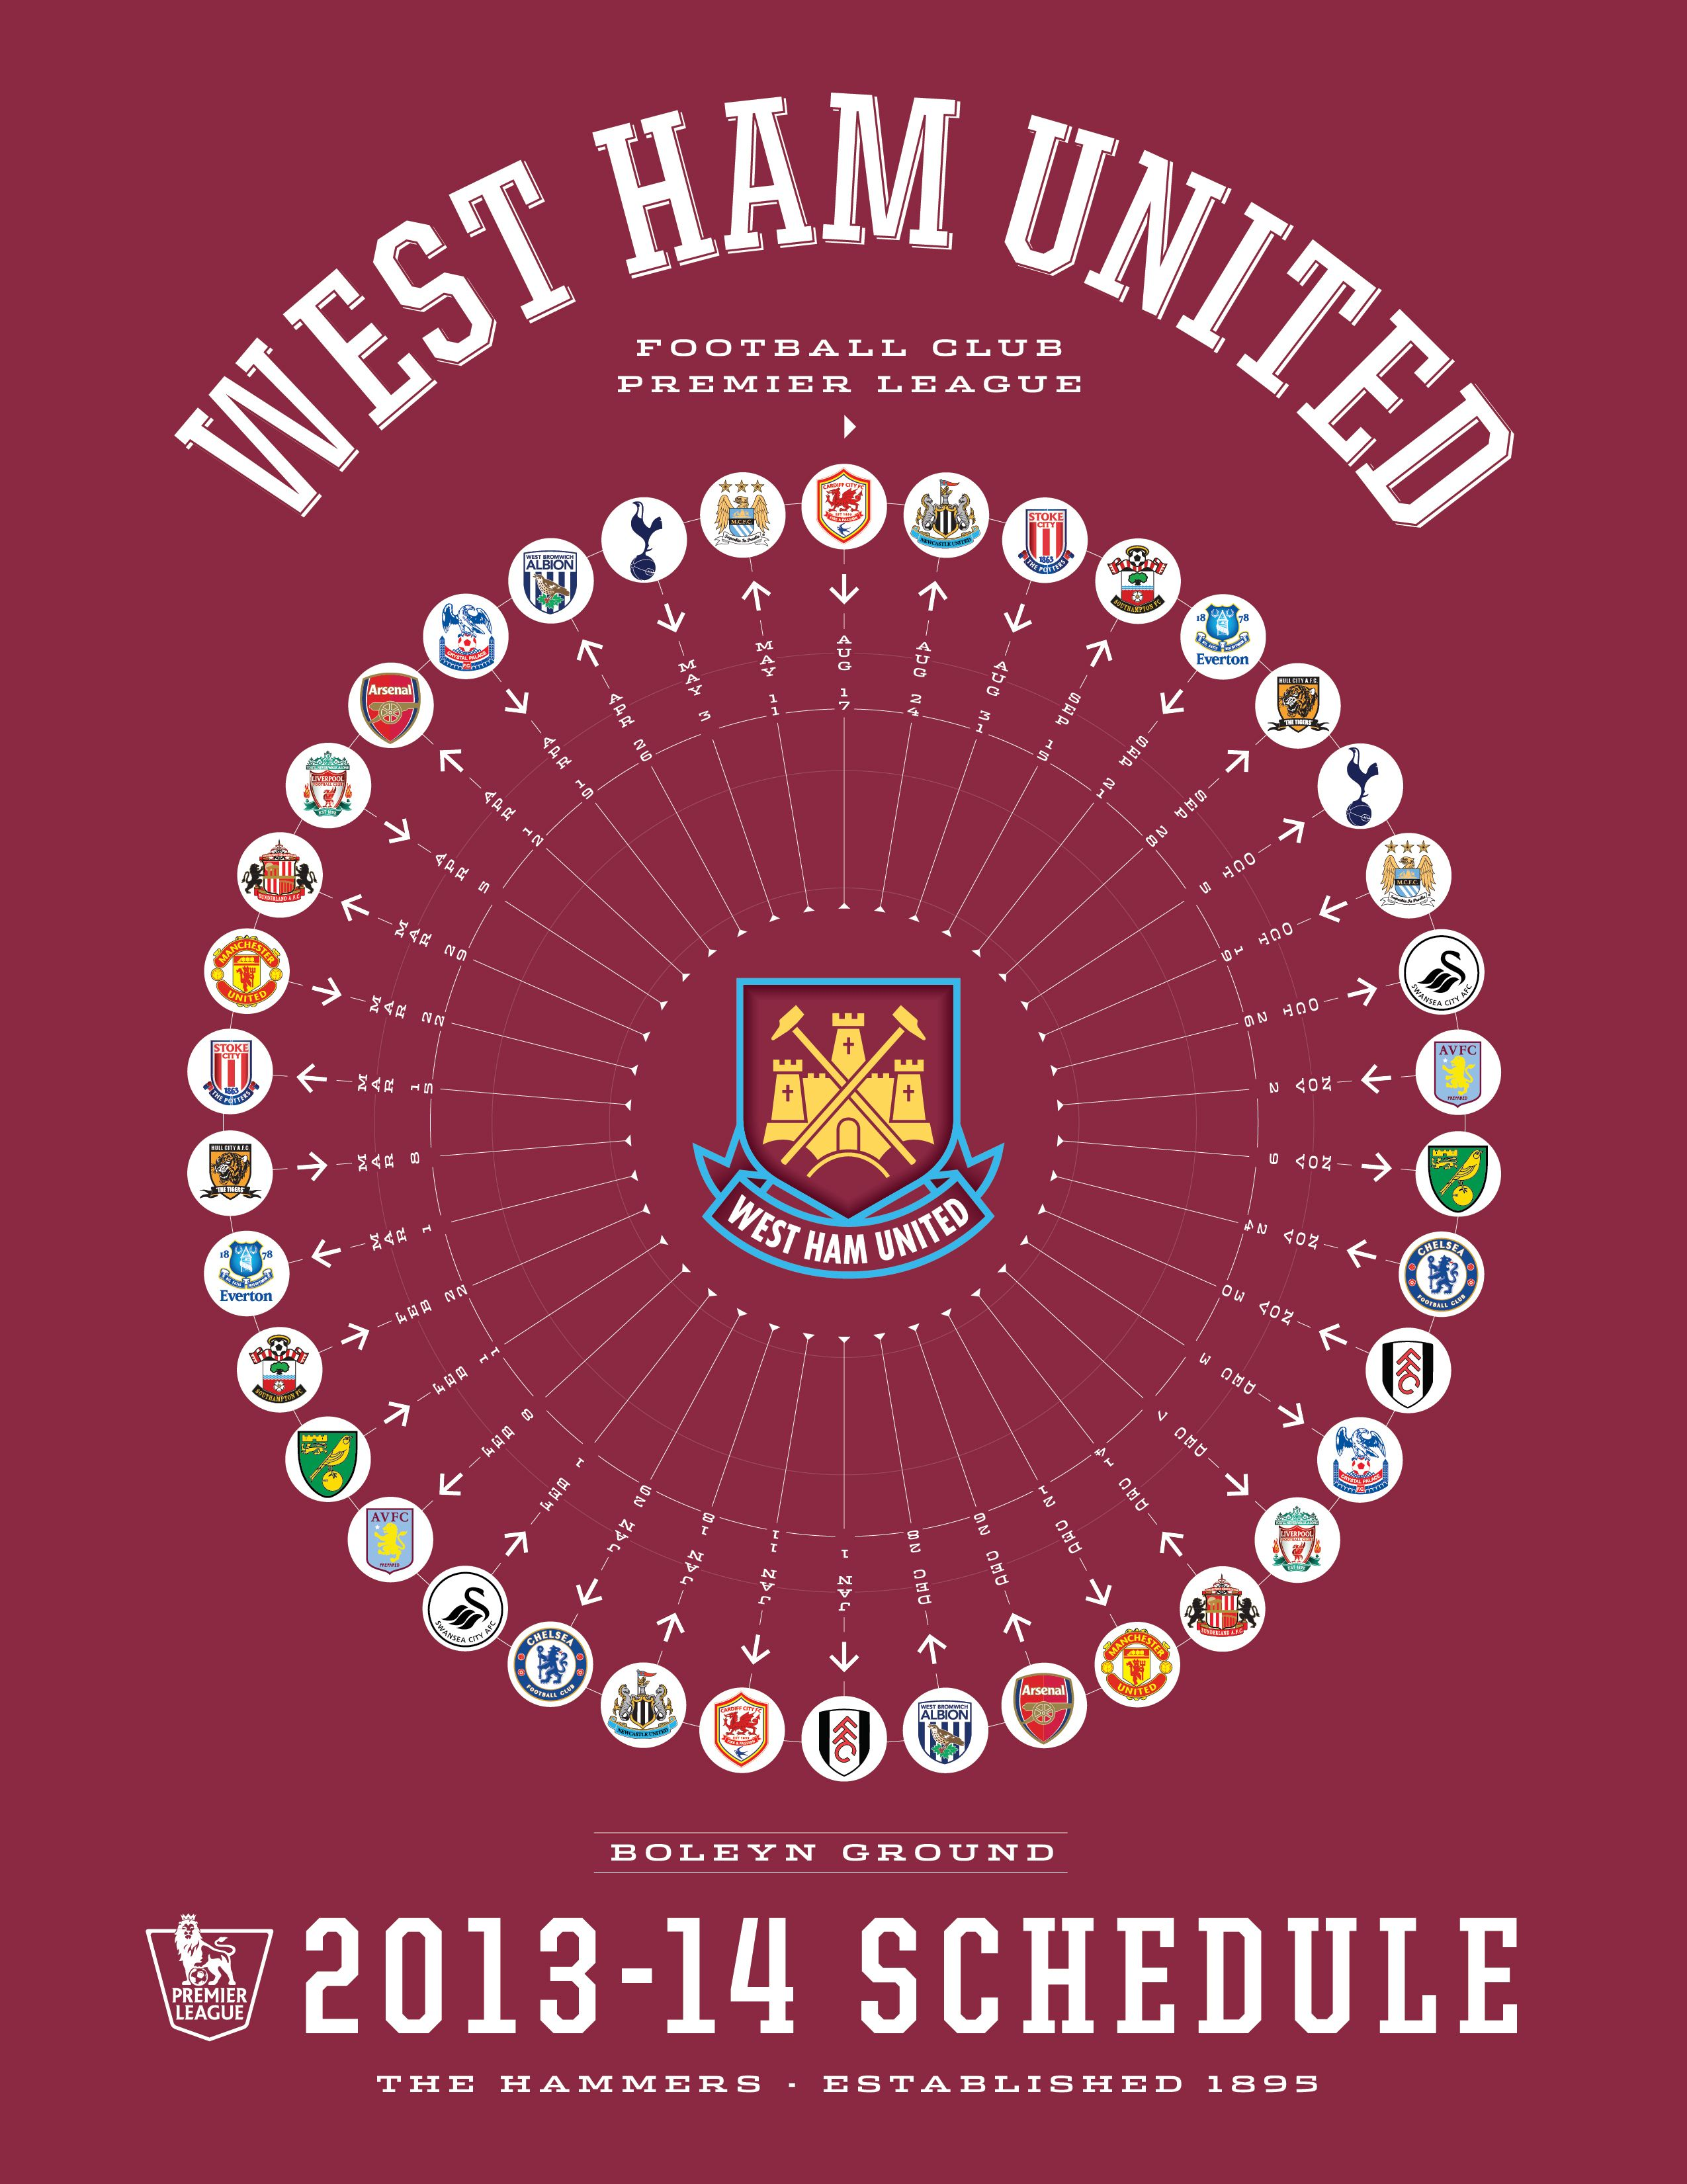 west ham united 2013-14 premier league schedule   2013-14 premier